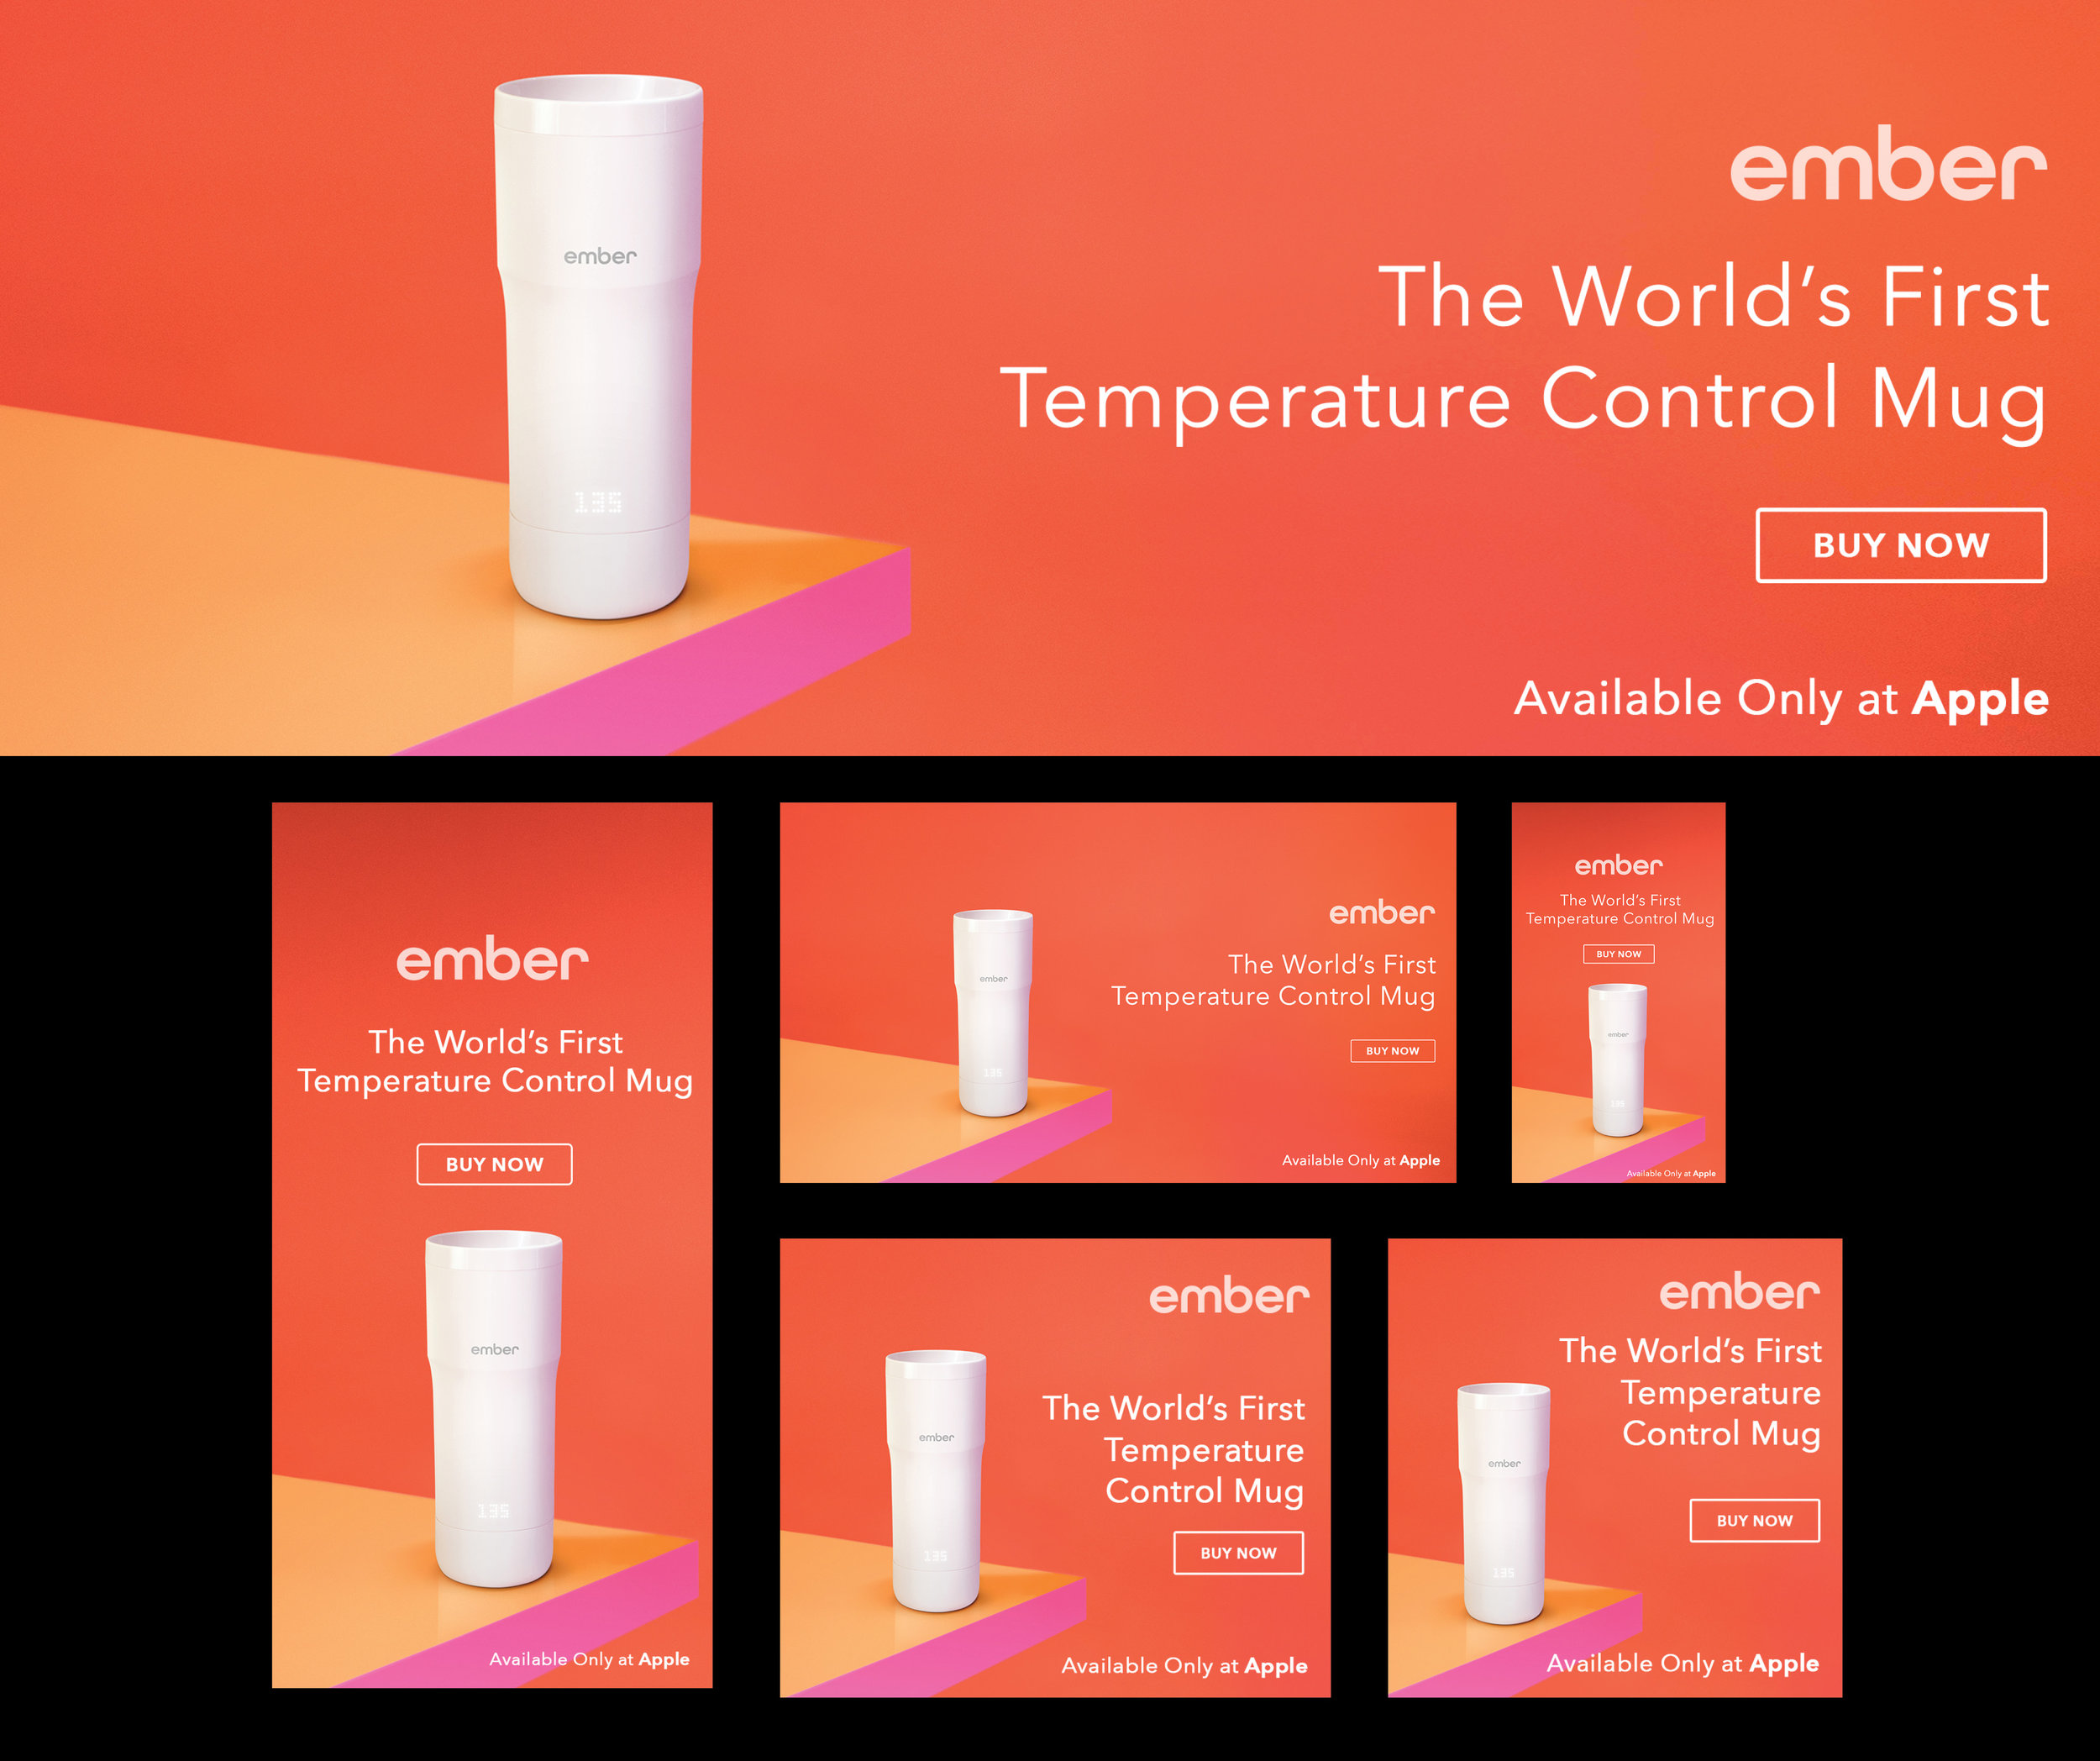 Ember_Desktop_Stills.jpg